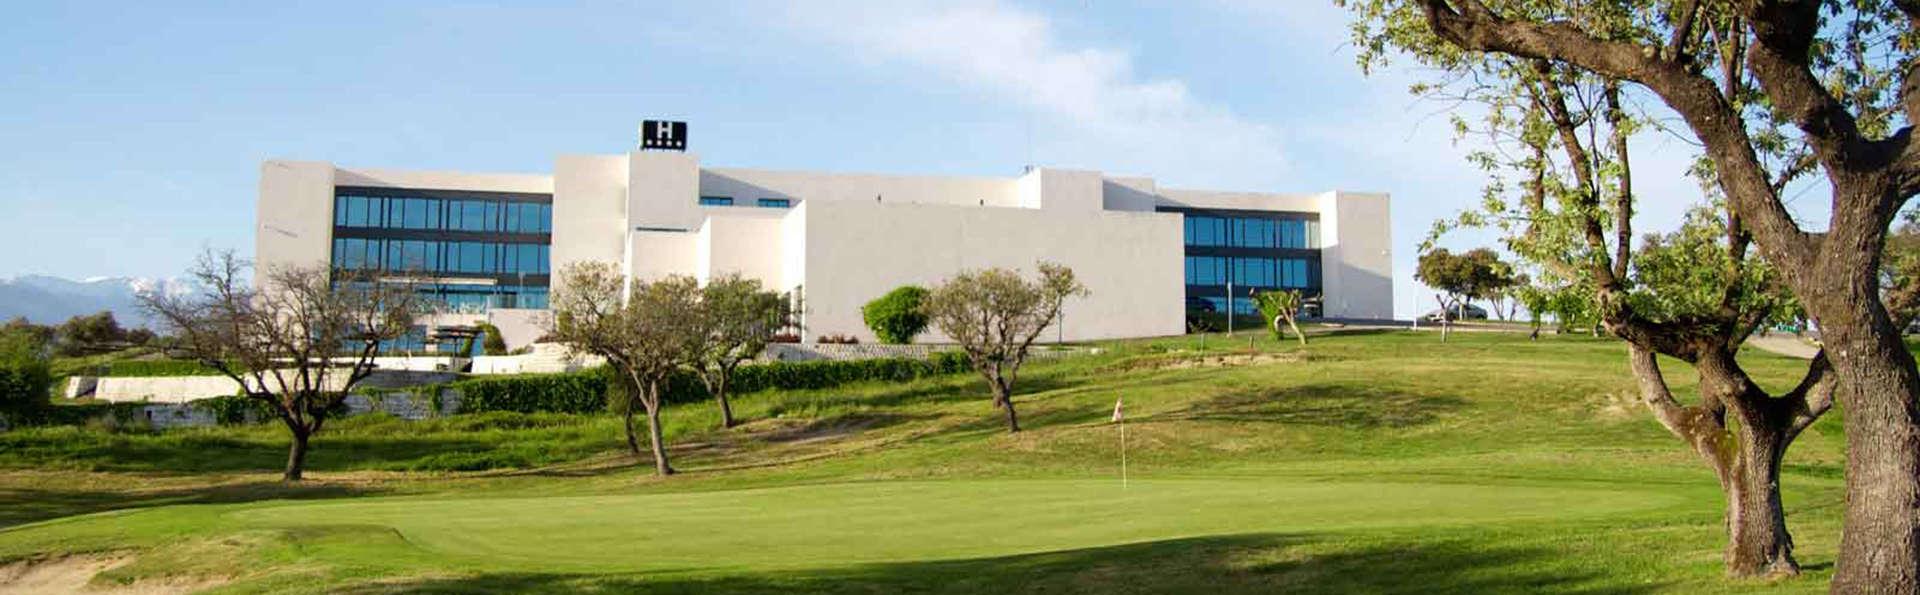 OYO Hotel Valles de Gredos - EDIT_front.jpg